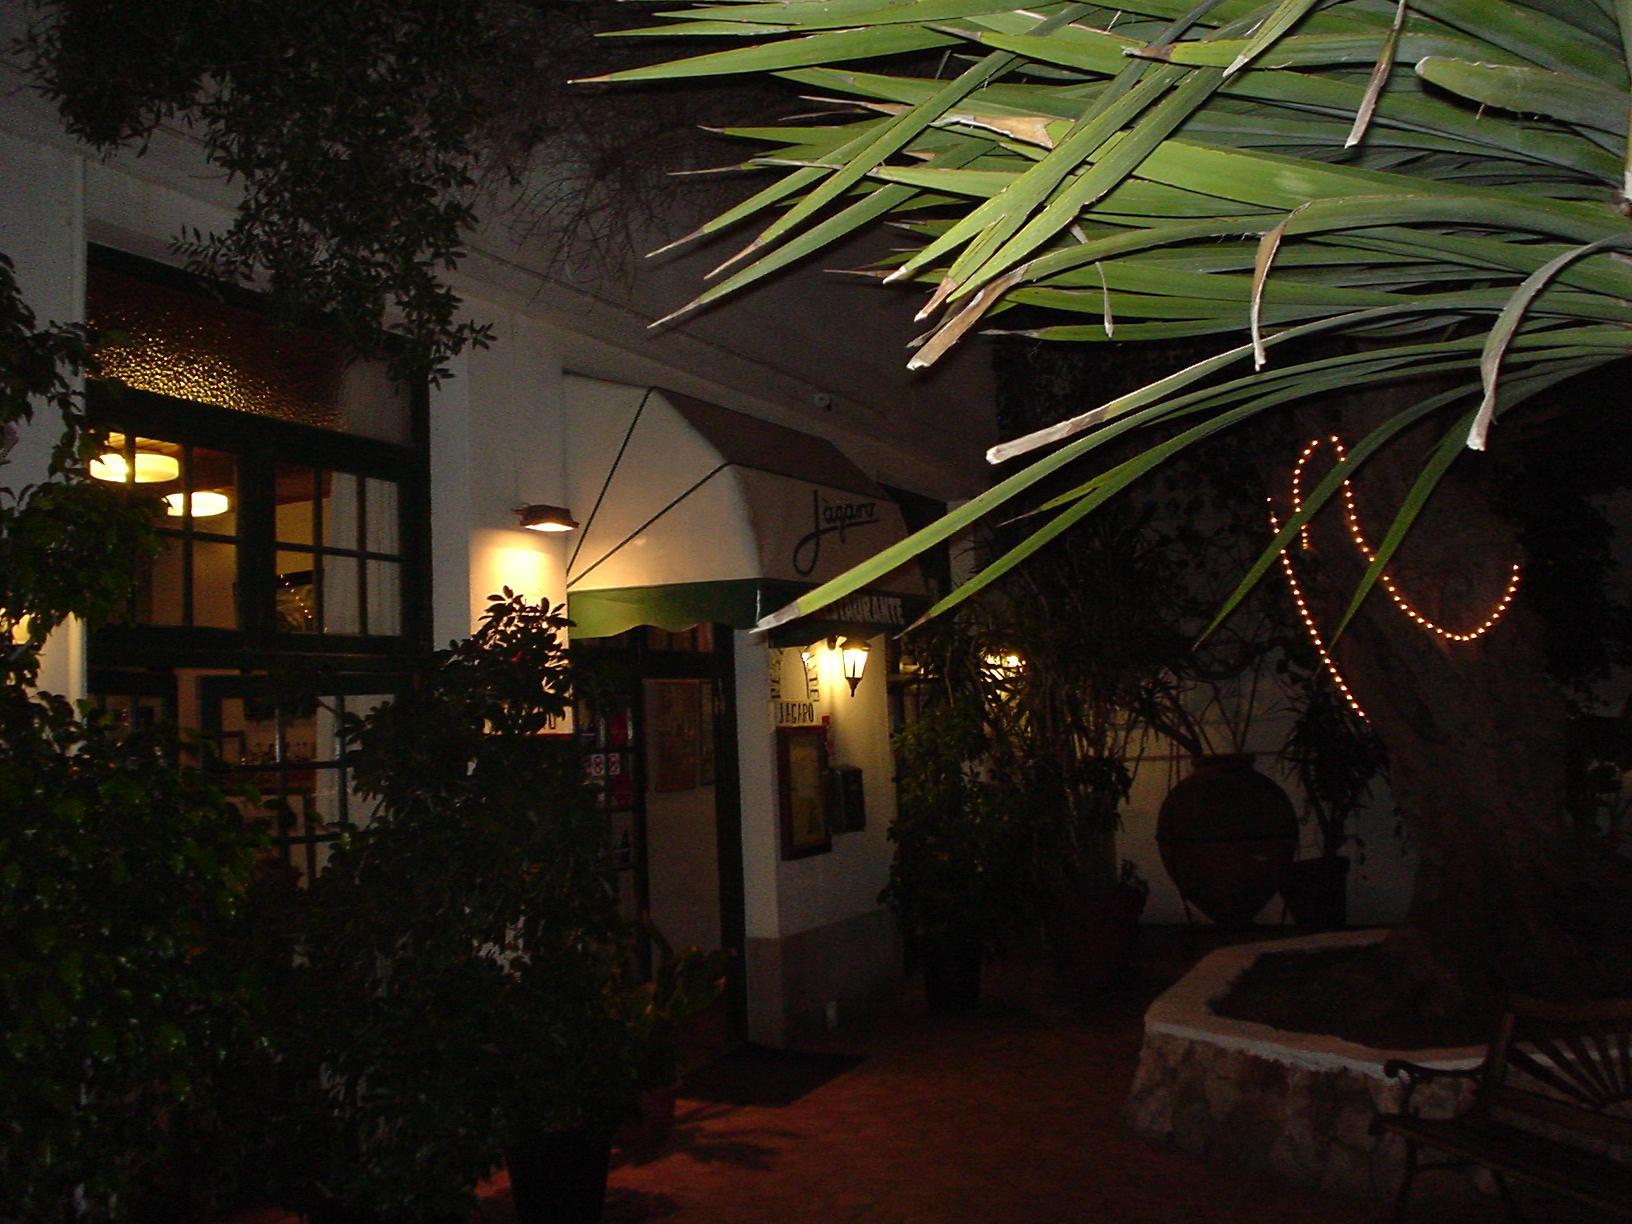 Entrada a Restaurante Jágaro - Mahón (Menorca)